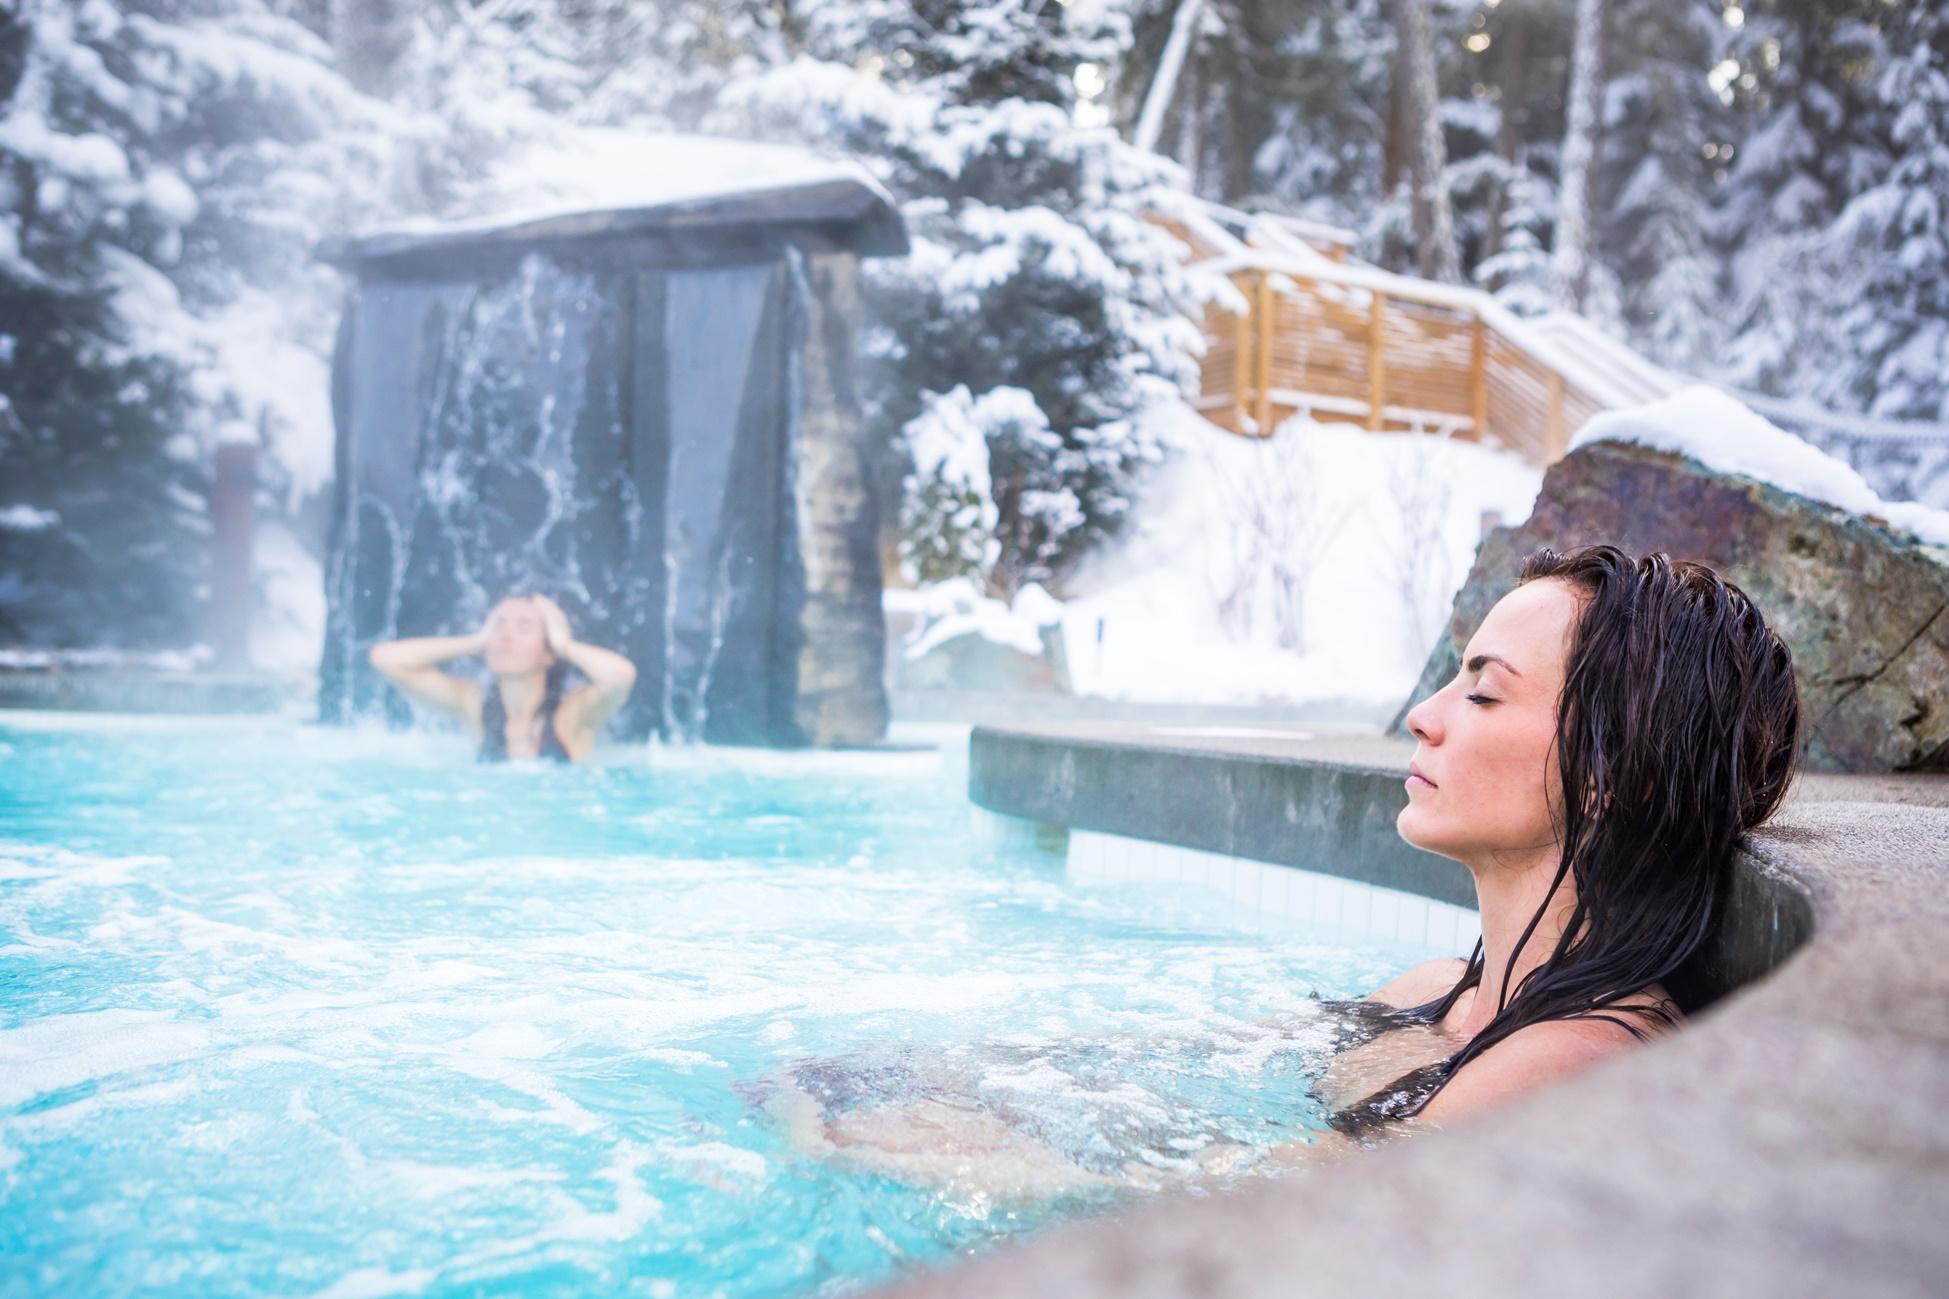 Win een vakantie naar Whistler met WintersportCanadaAmerika